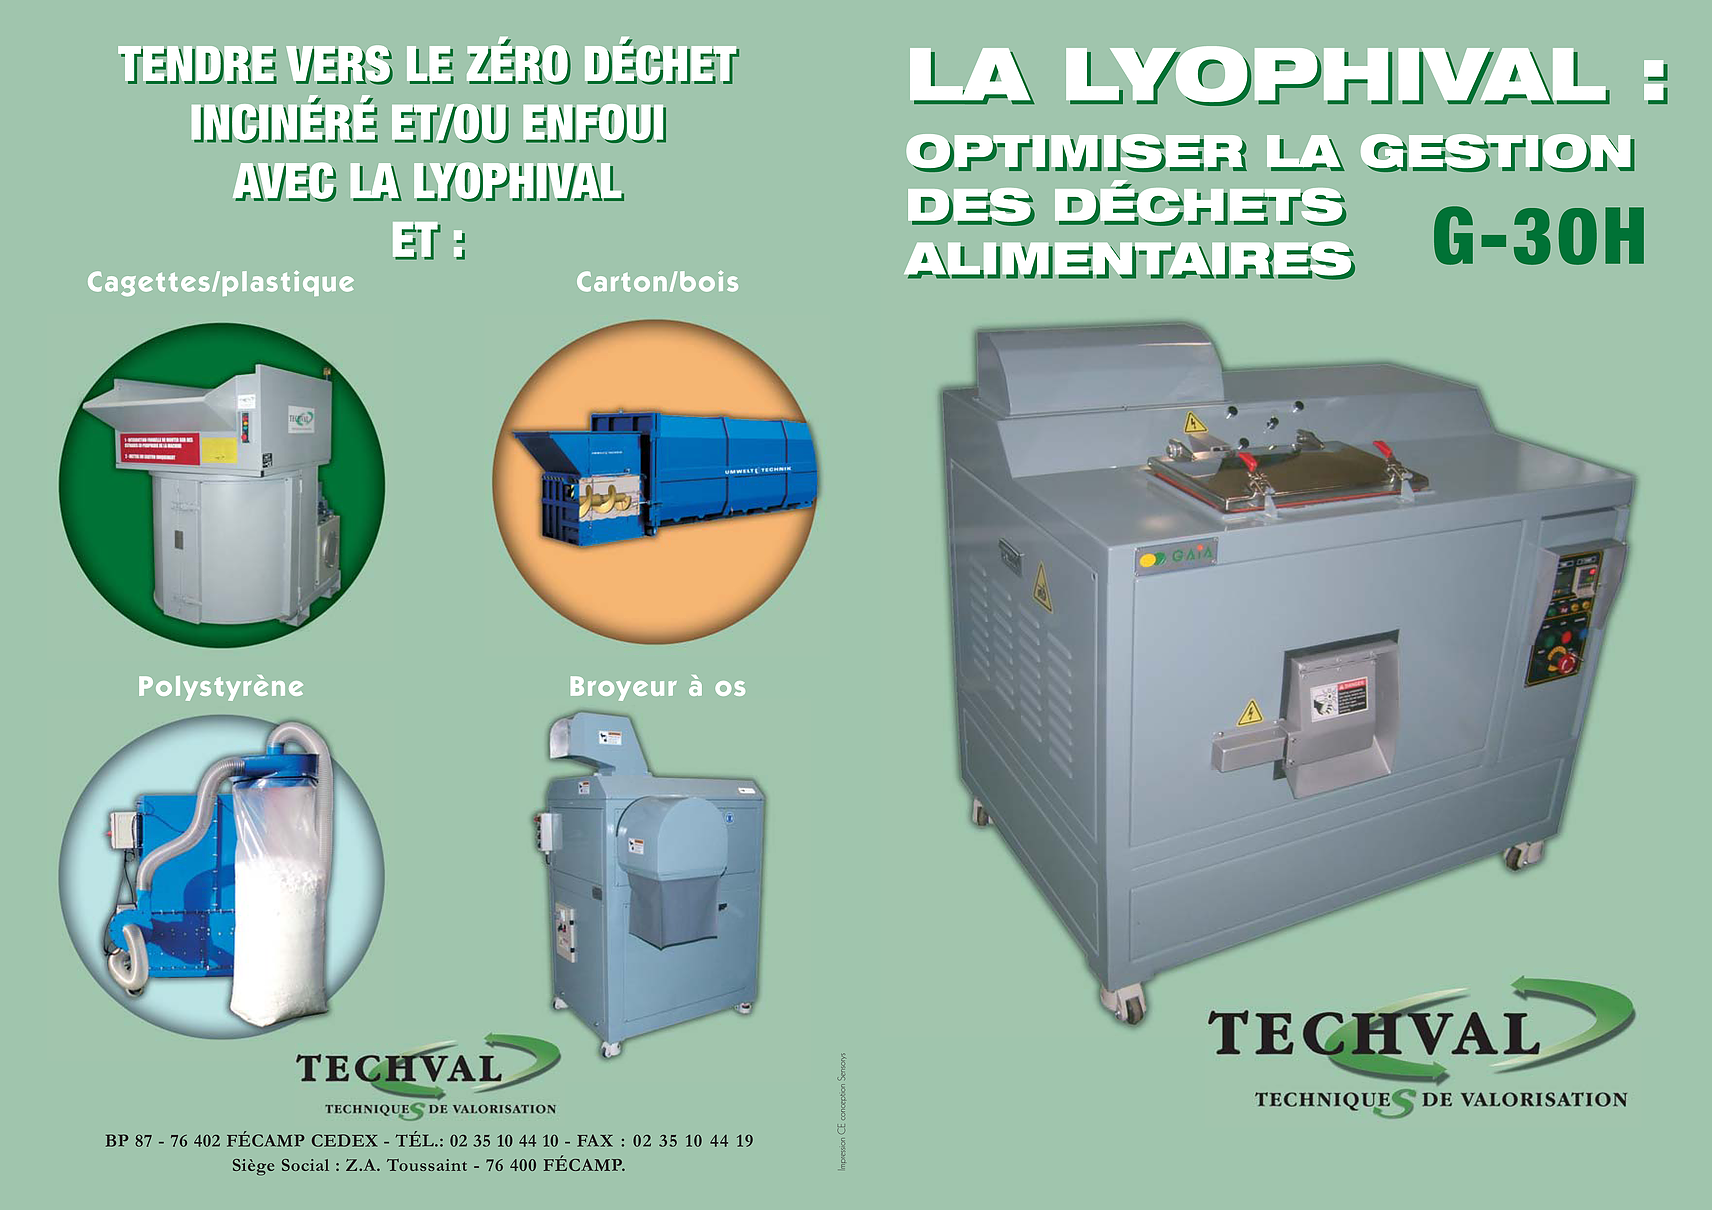 lyophi-1